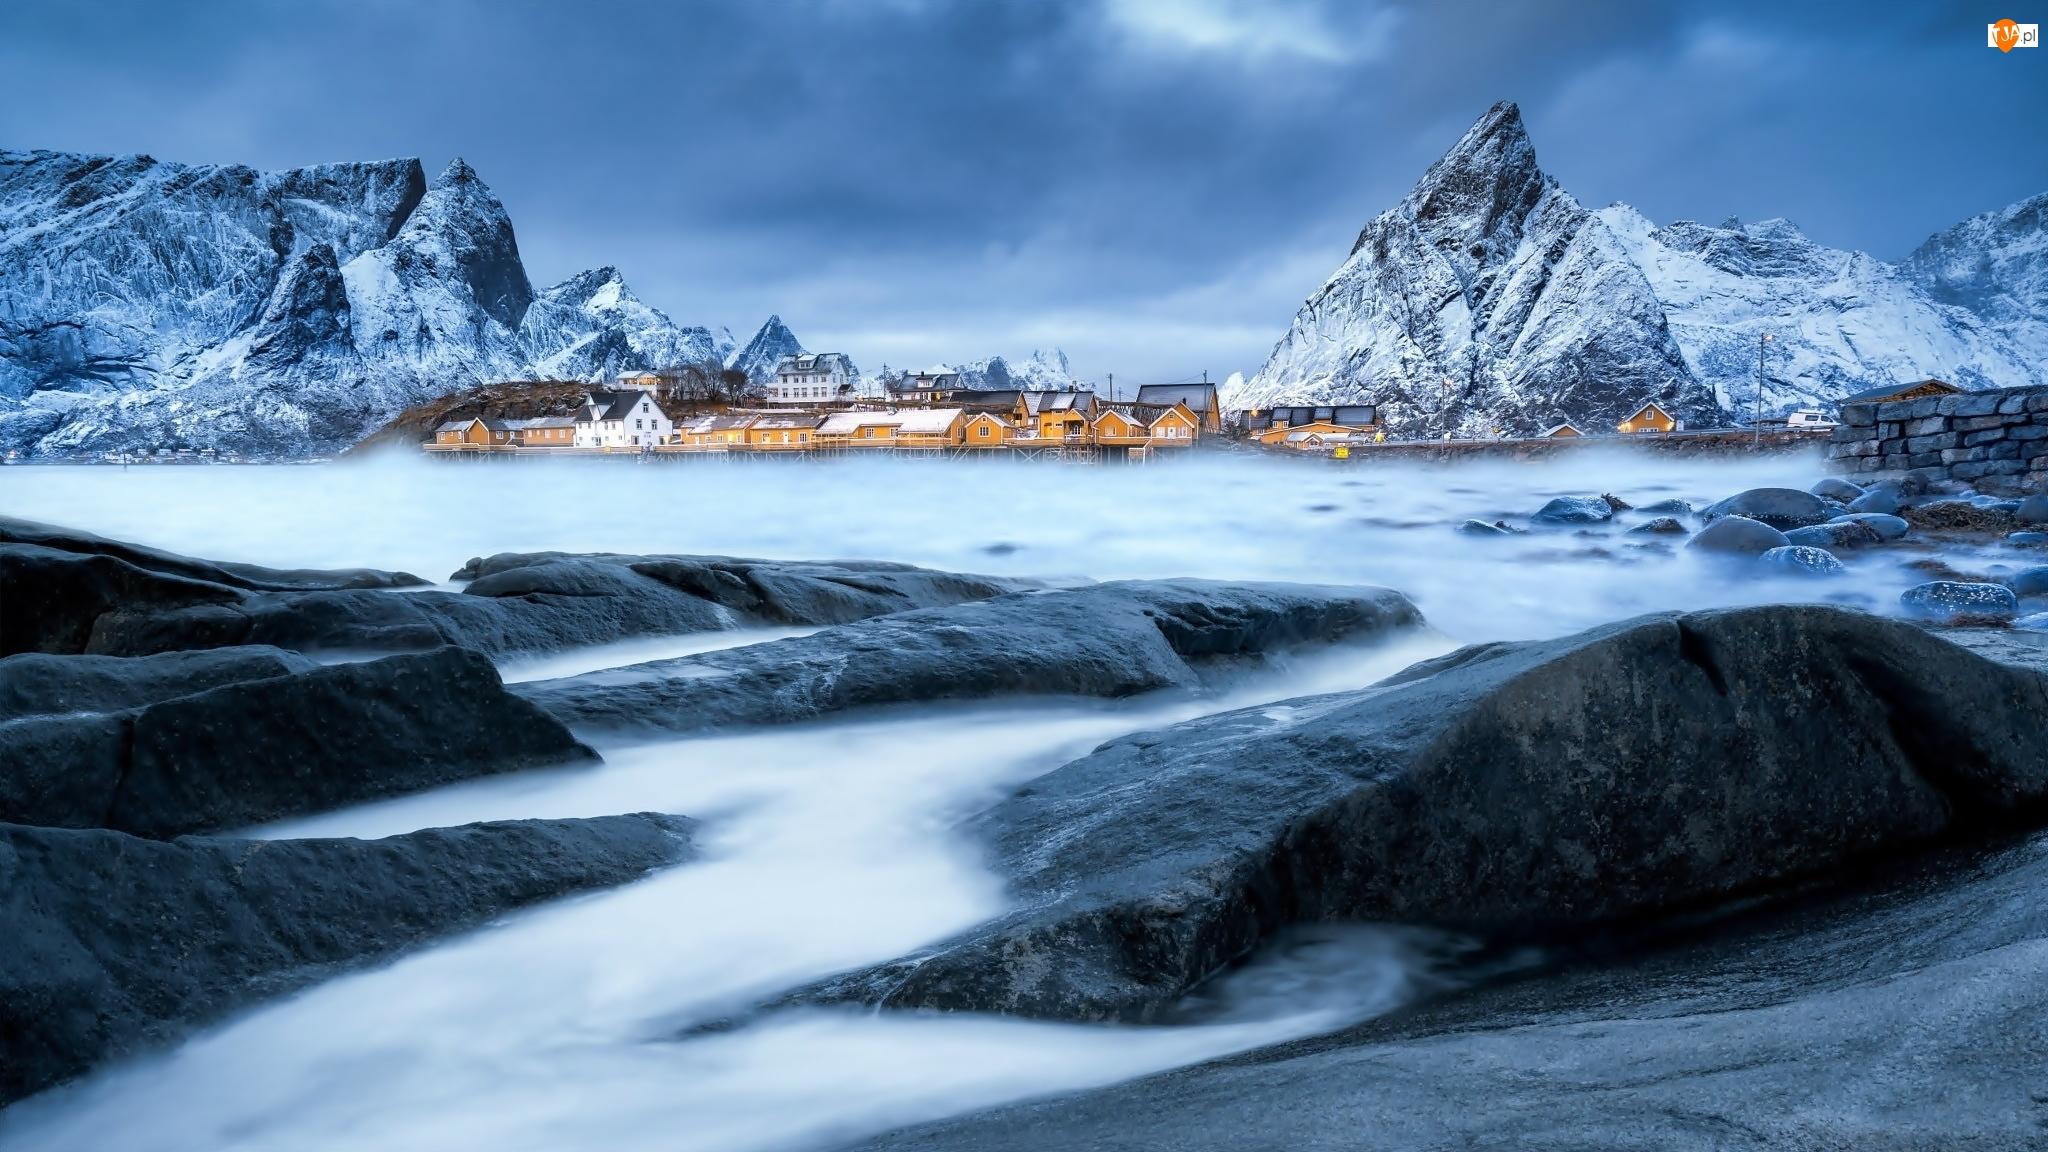 Zima, Wioska Sakrisøy, Lofoty, Norwegia, Morze, Góry, Kamienie